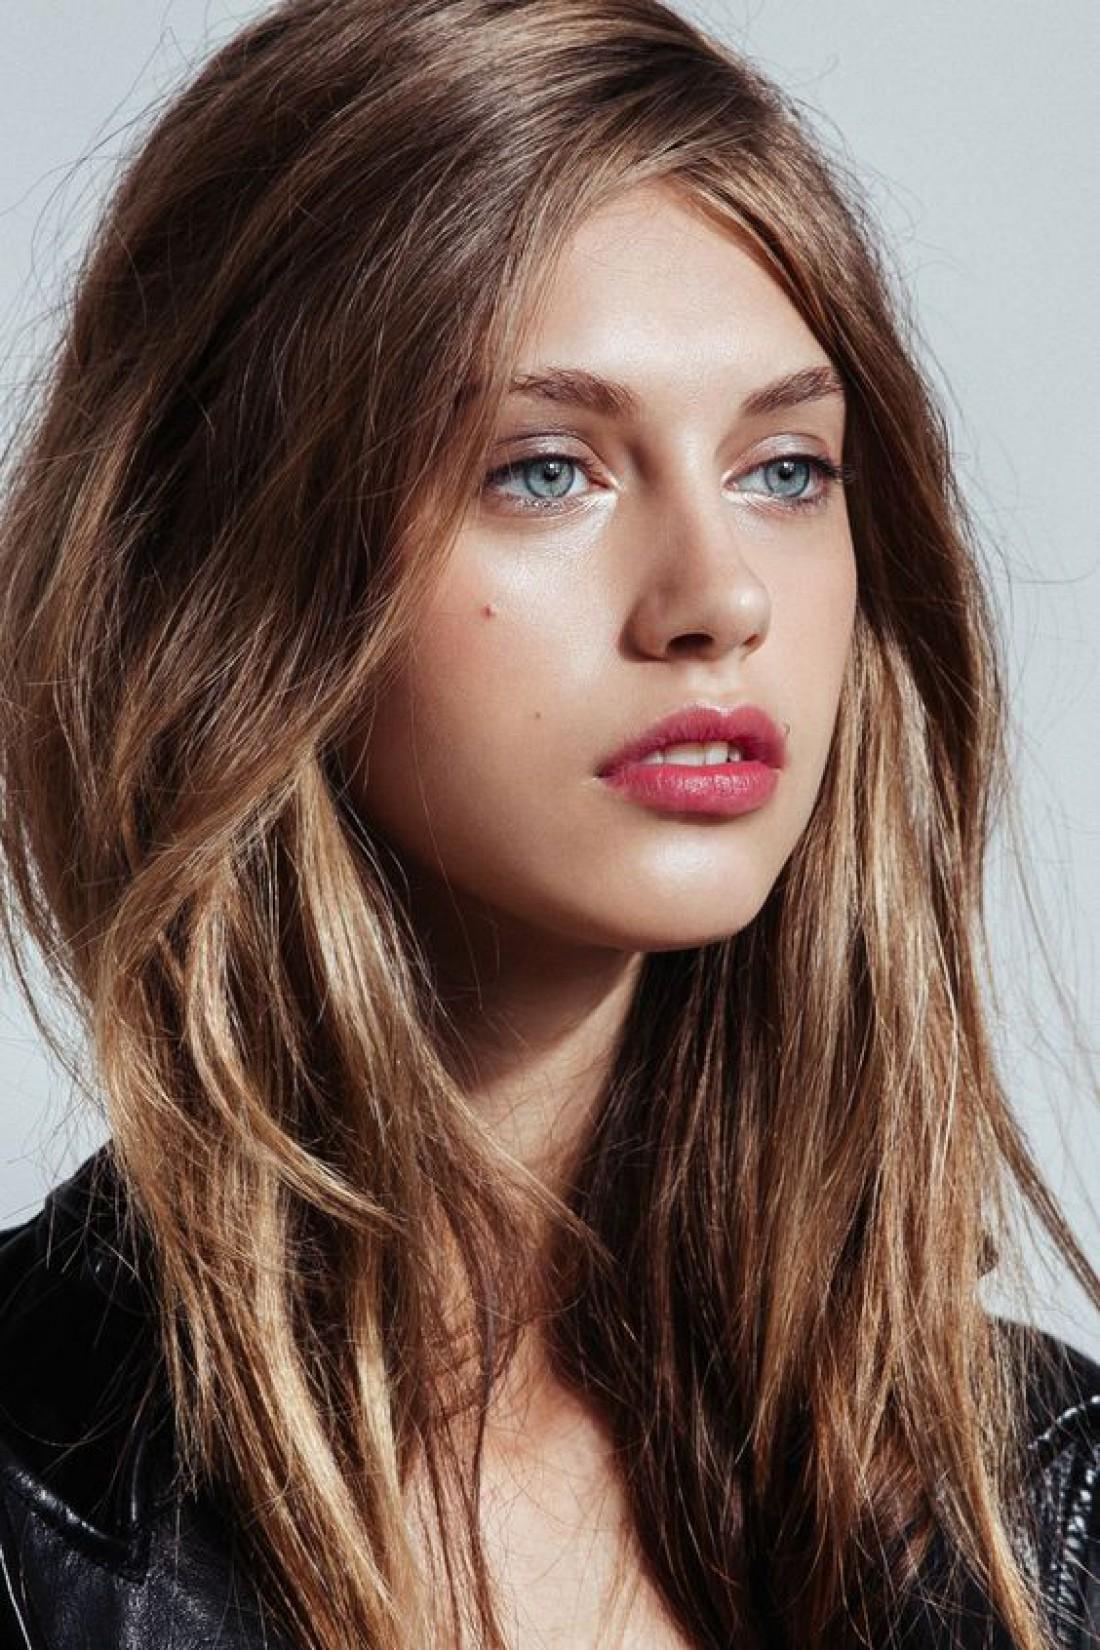 Девушки часто сталкиваются с такой проблемой кожи лица, как расширенные поры